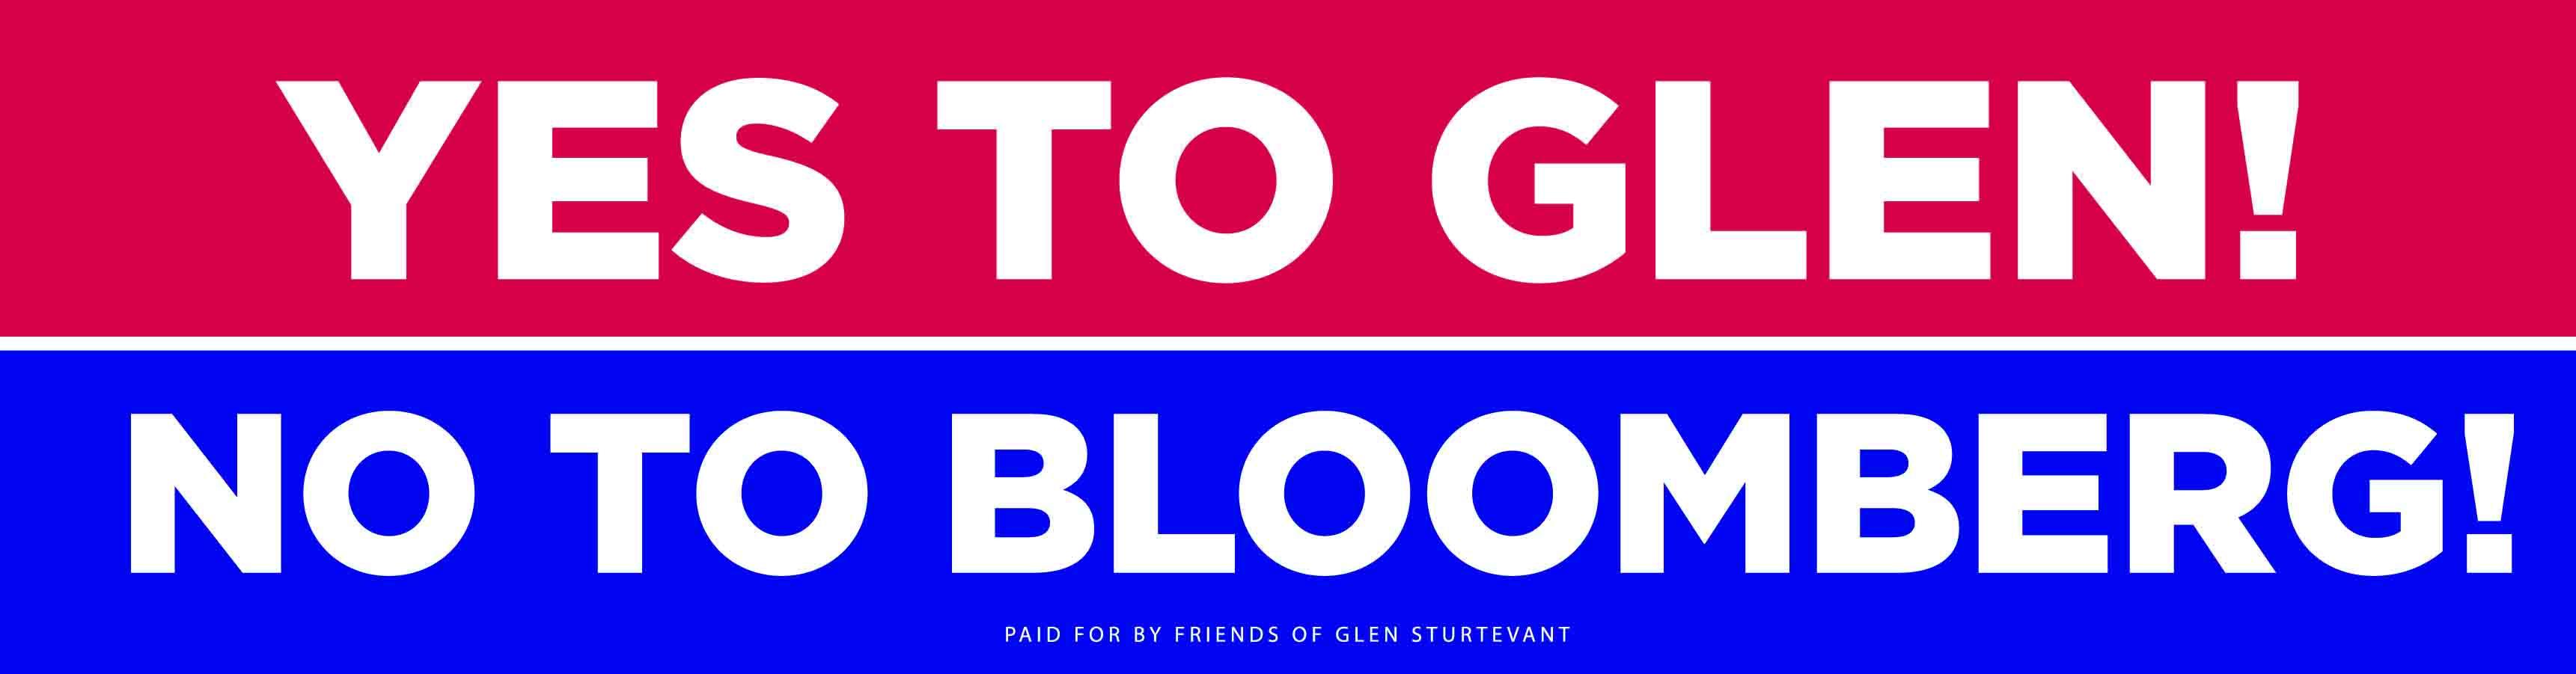 Sturtevant_15-71_Bloomberg_Sticker.jpg